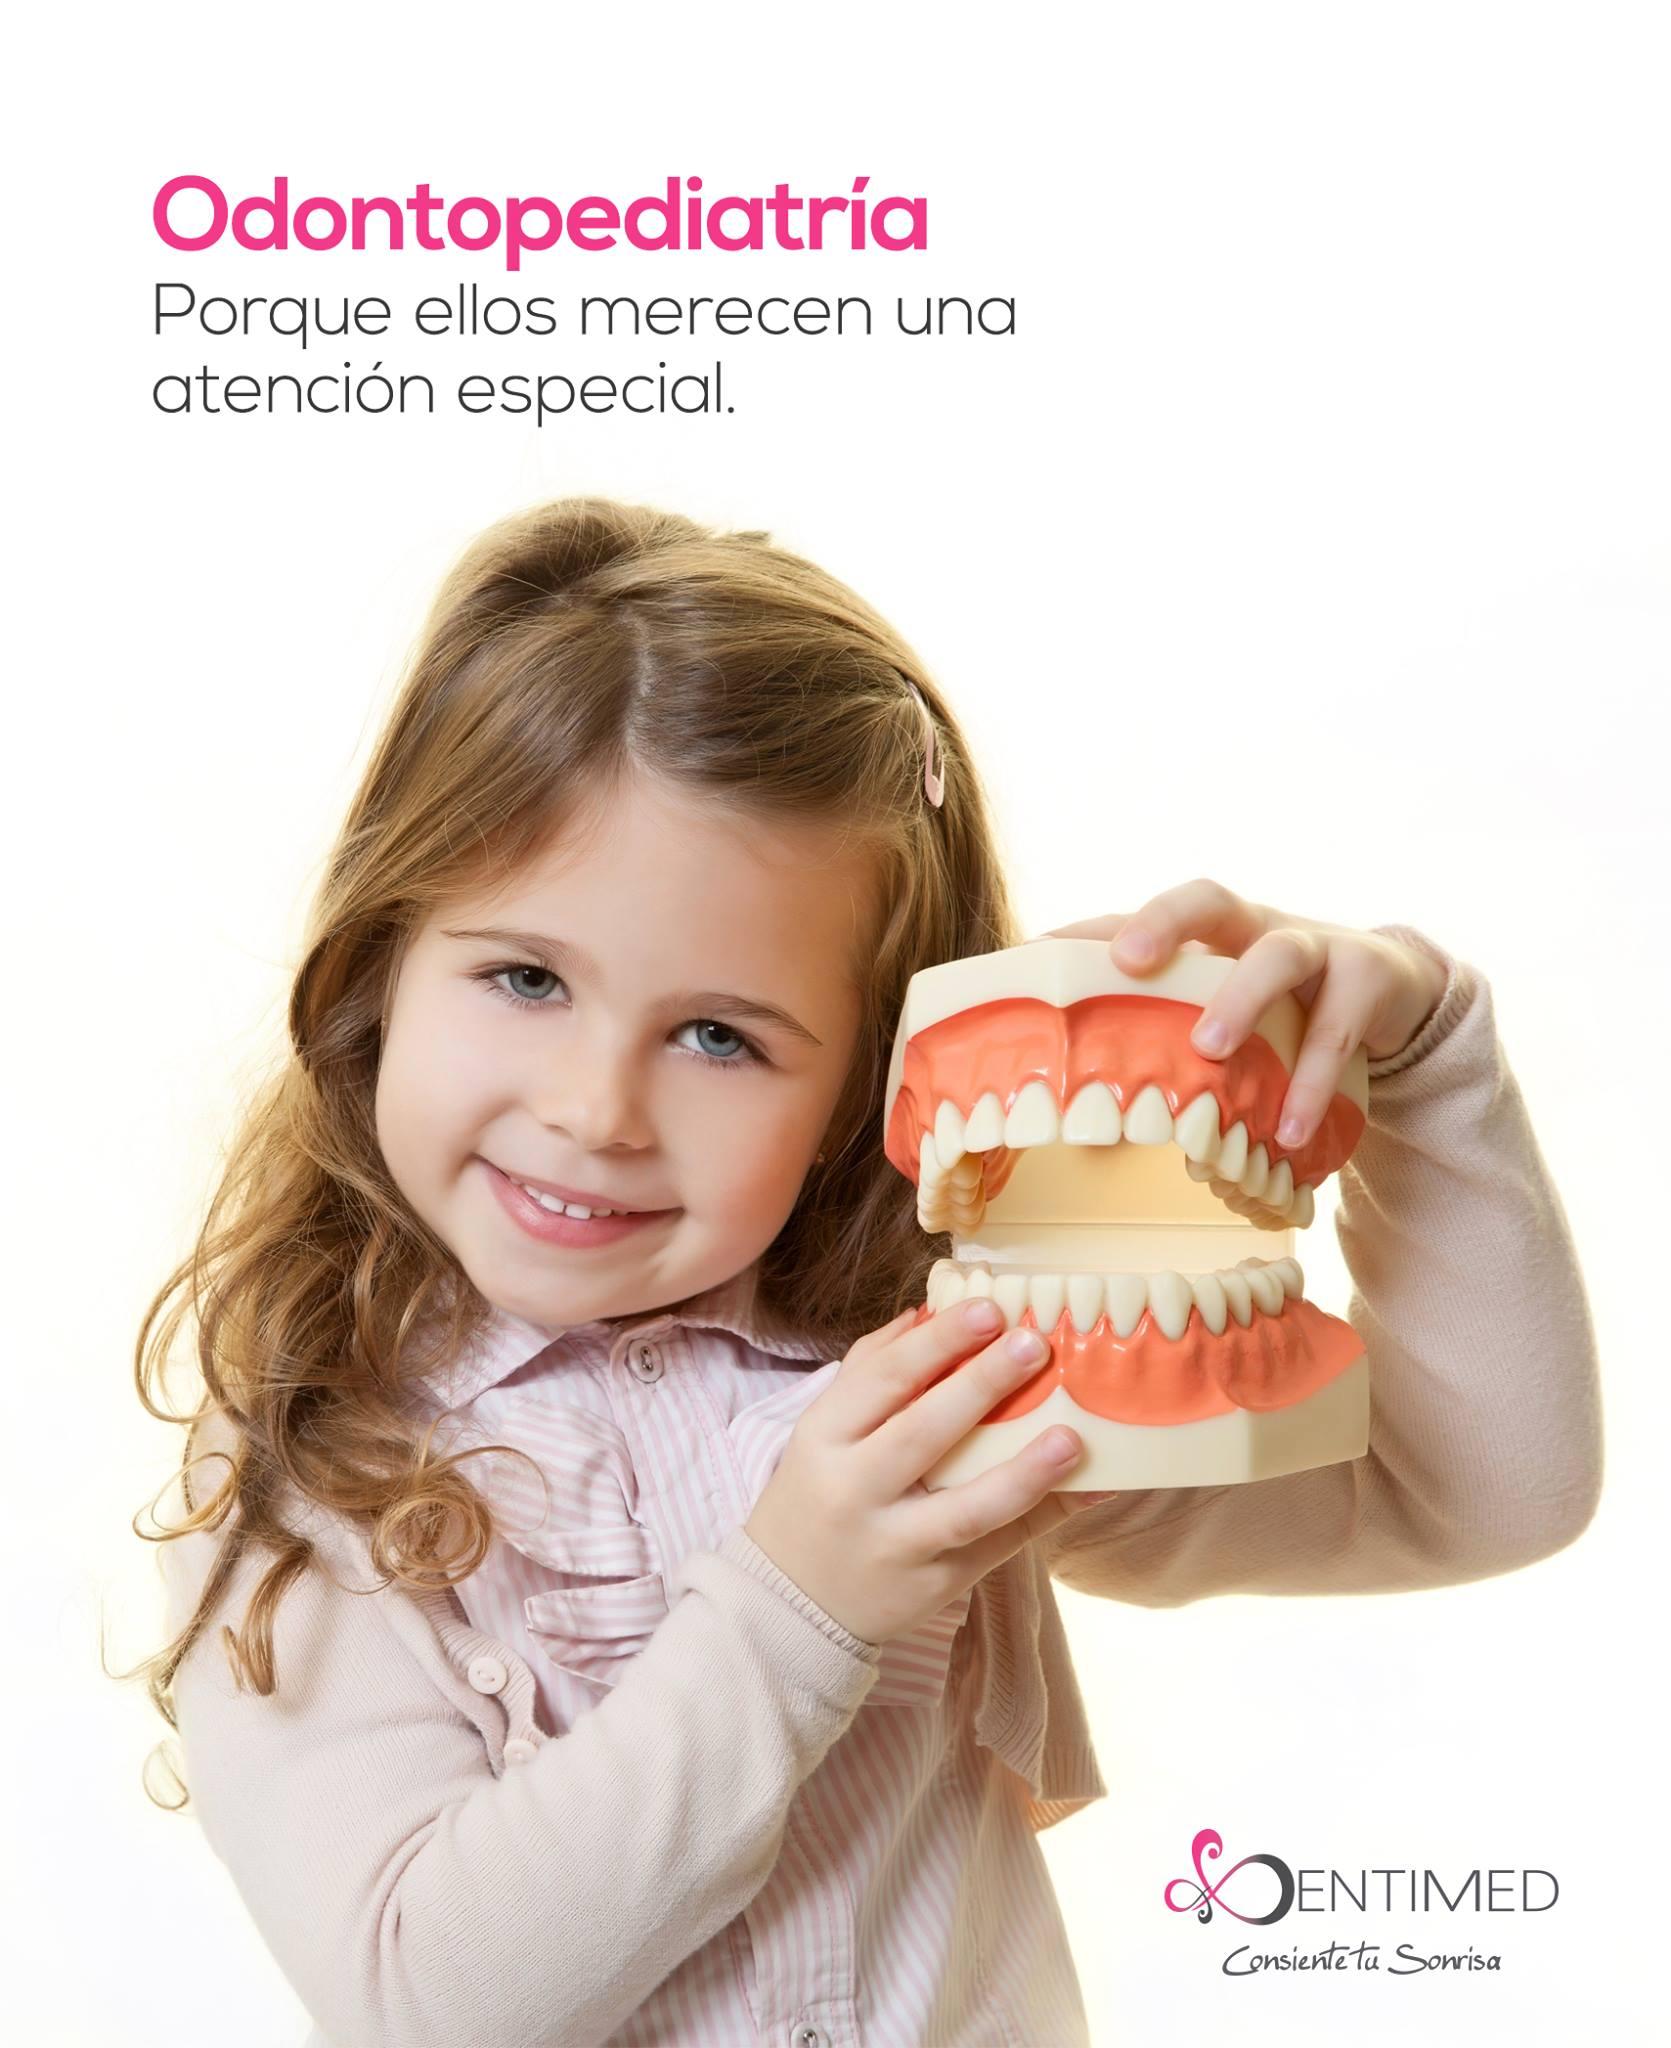 Odontopediatria-dentimed (1)